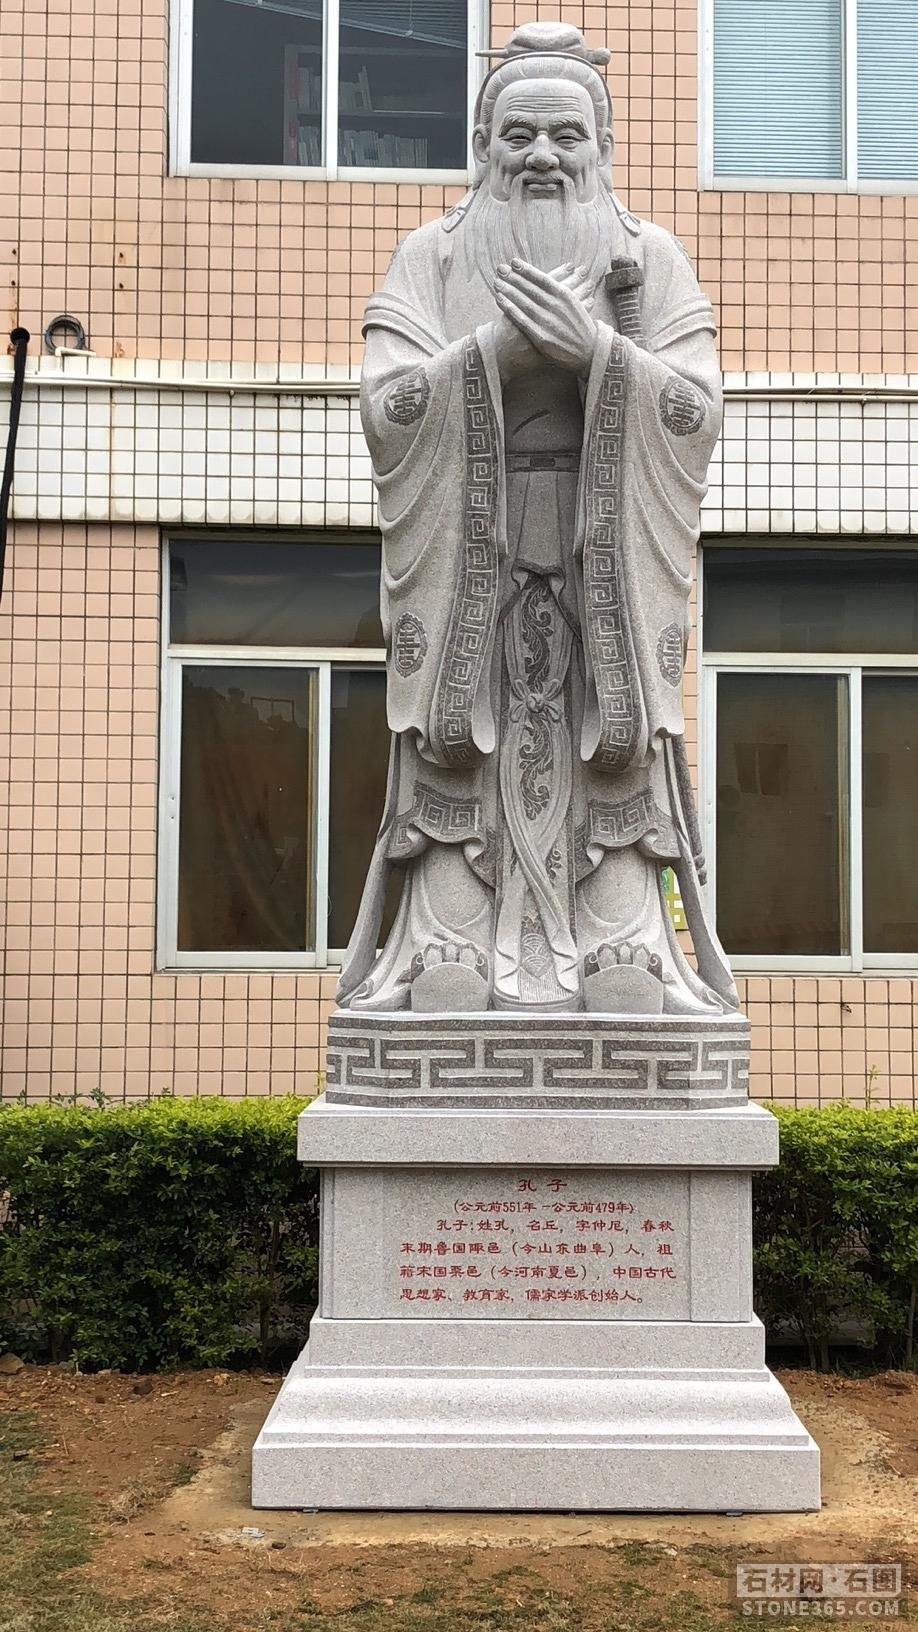 校园石雕孔子雕塑、石雕孔子雕塑